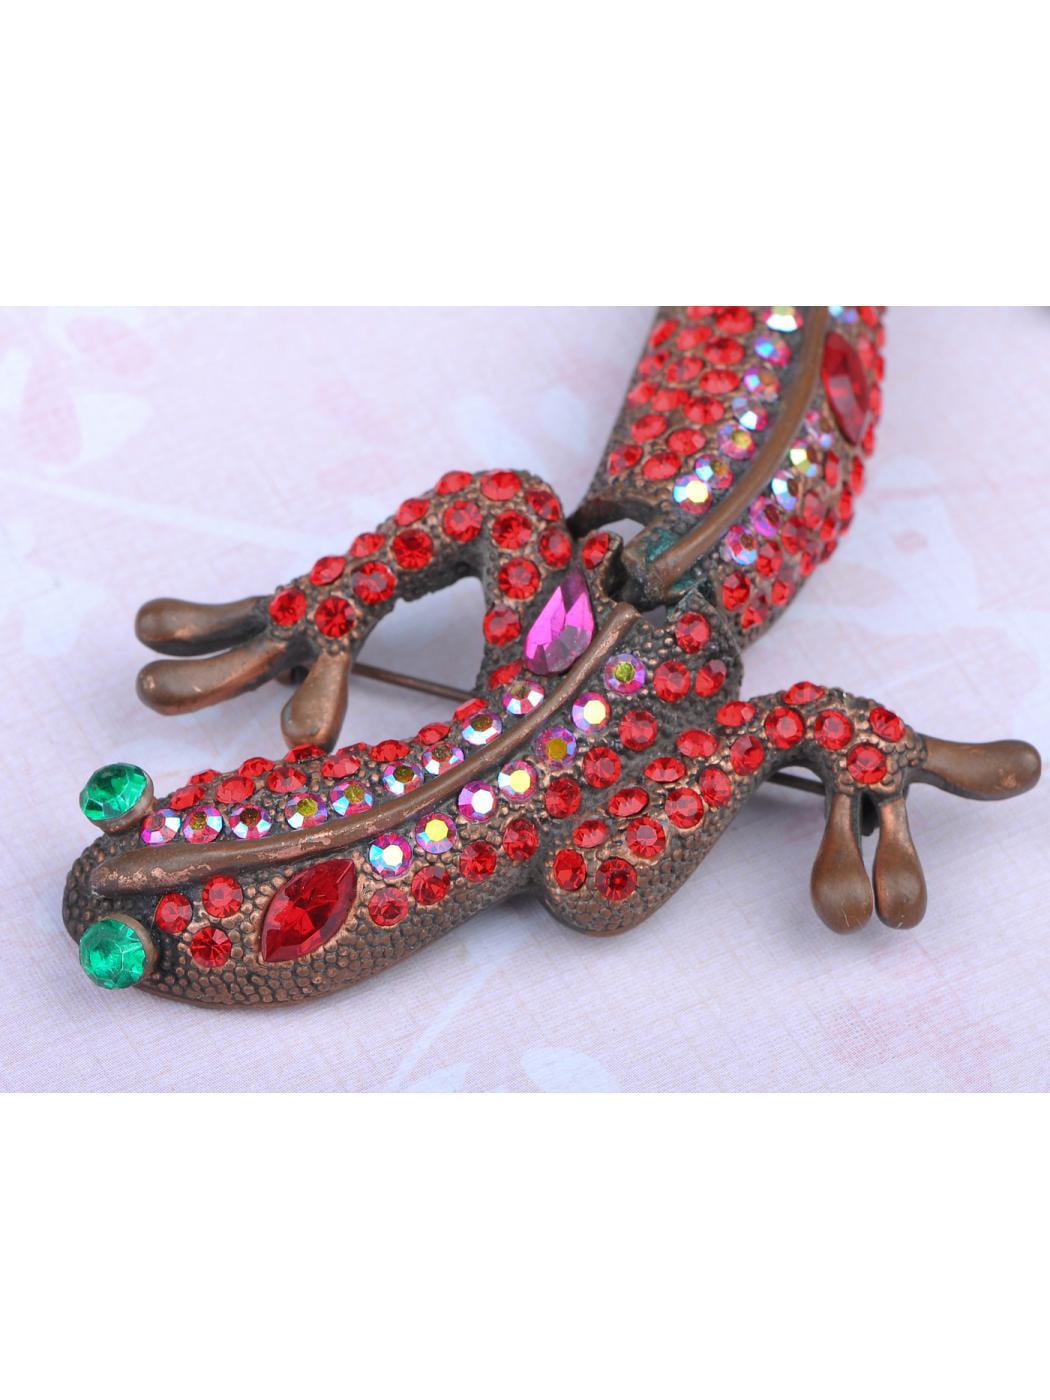 Fashion Animal Jewelry Ruby Garnet Crystal Rhinestone Lizard Gecko Pin Brooch by